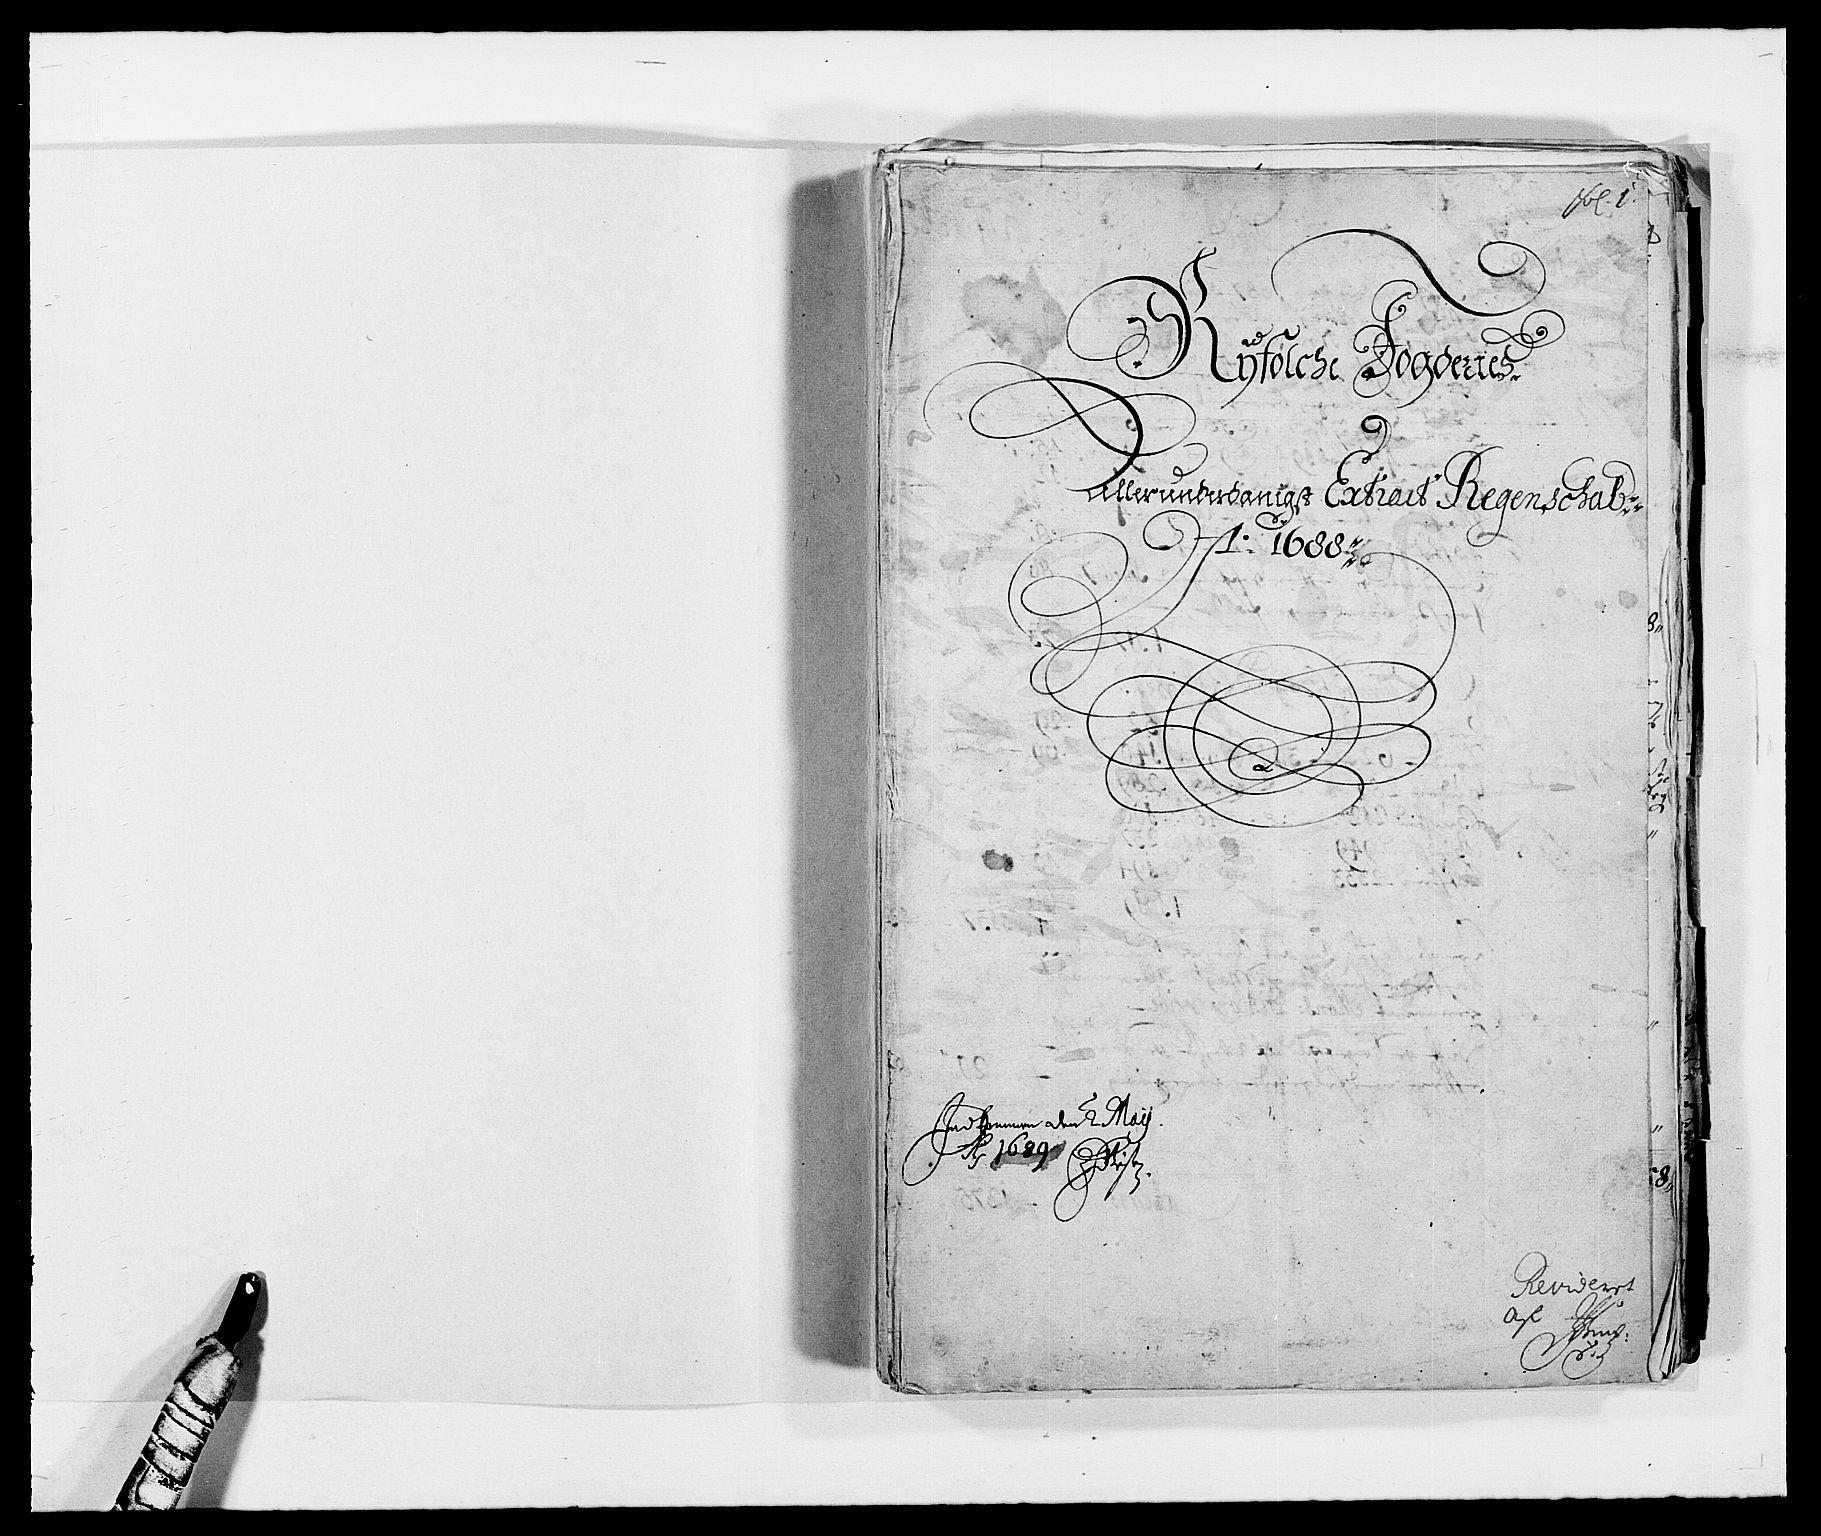 RA, Rentekammeret inntil 1814, Reviderte regnskaper, Fogderegnskap, R47/L2855: Fogderegnskap Ryfylke, 1685-1688, s. 331